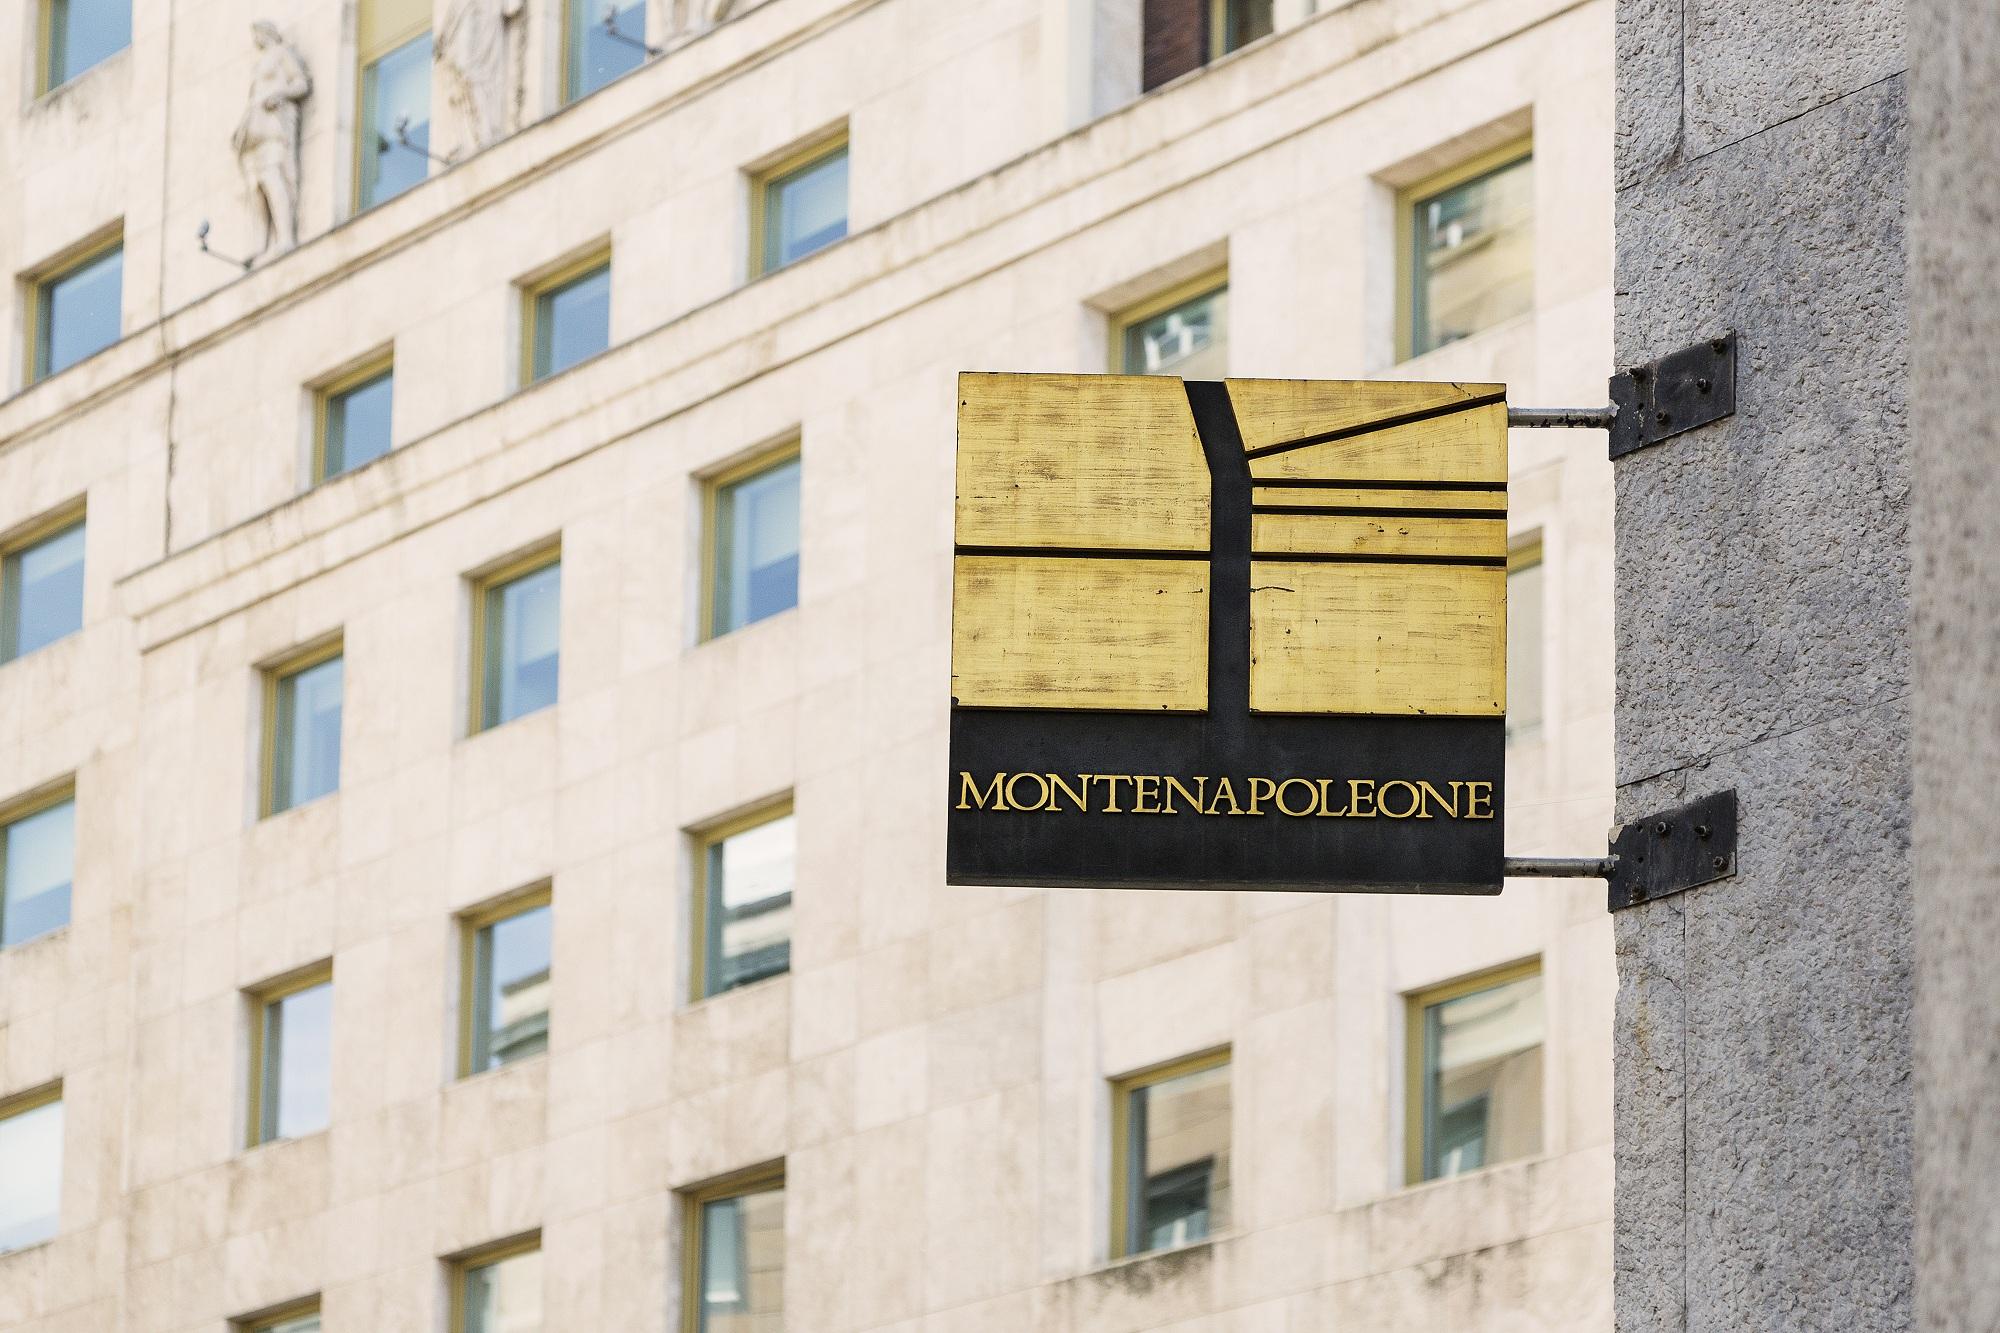 Una carezza ad una stupenda borsa in pelle, uno sguardo di intesa ad un classico abito nero, e, passo dopo passo, il sipario di alza su una delle icone della città di Milano: Via Montenapoleone. Gucci, Louis Vuitton, Valentino.